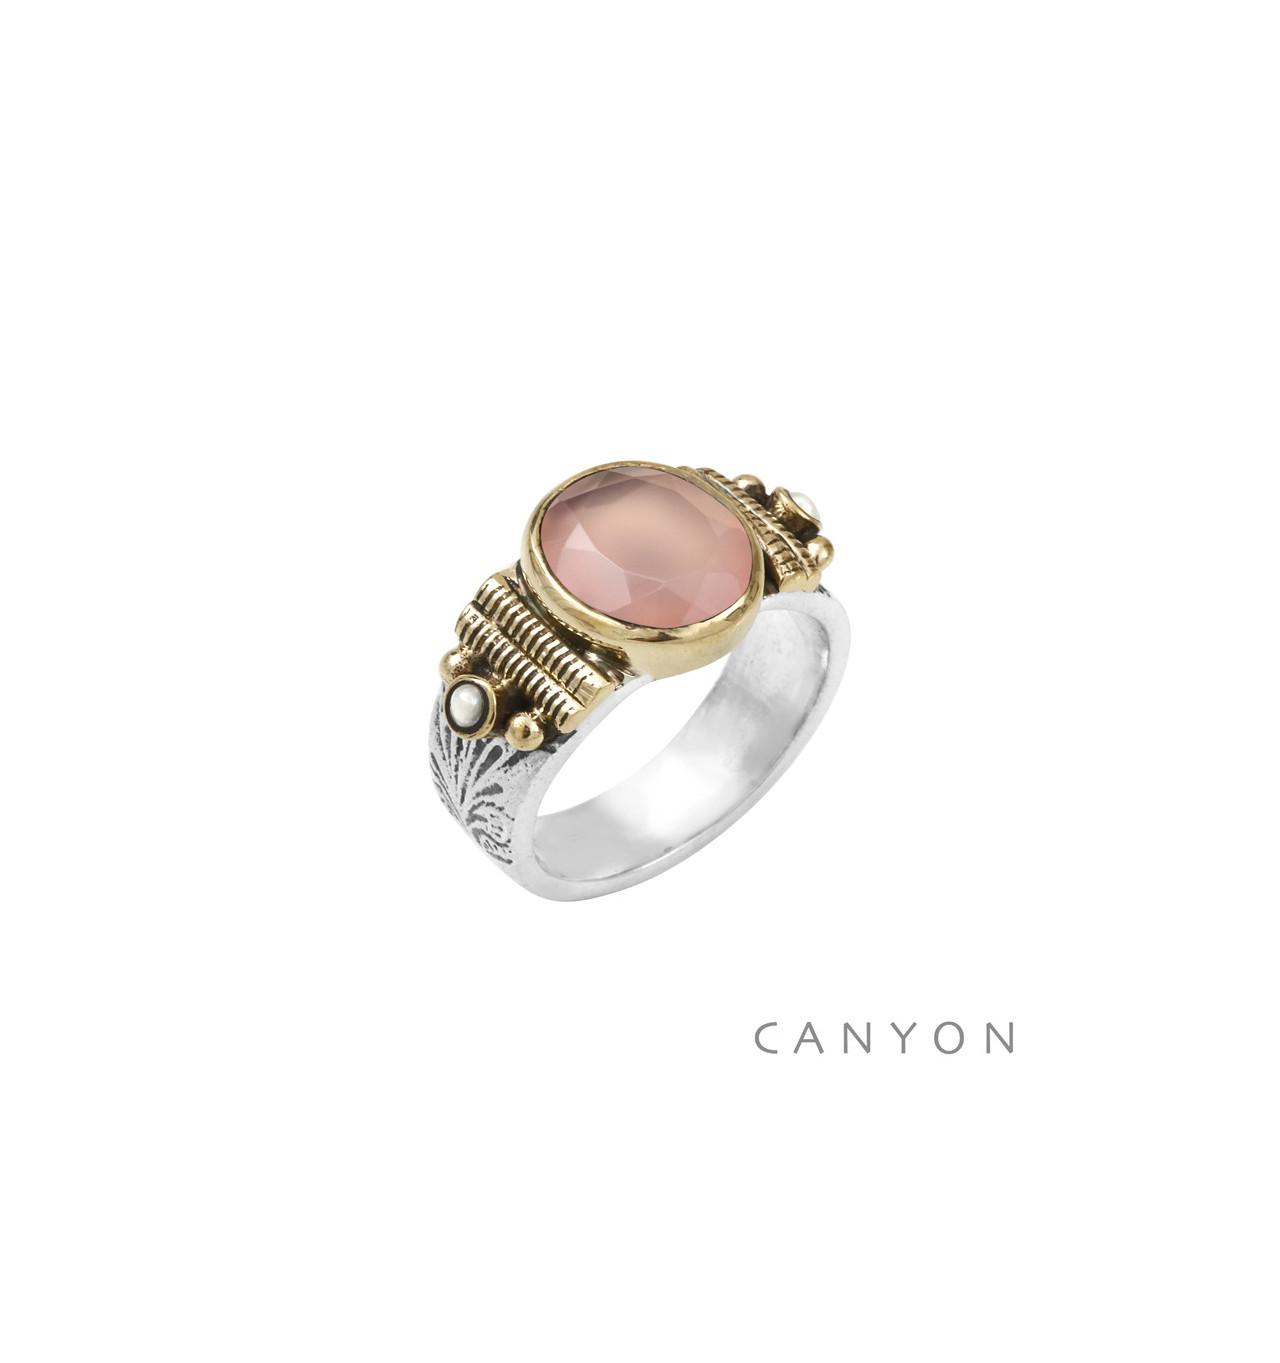 CANYON-Argent 925-bague-bijoux totem.